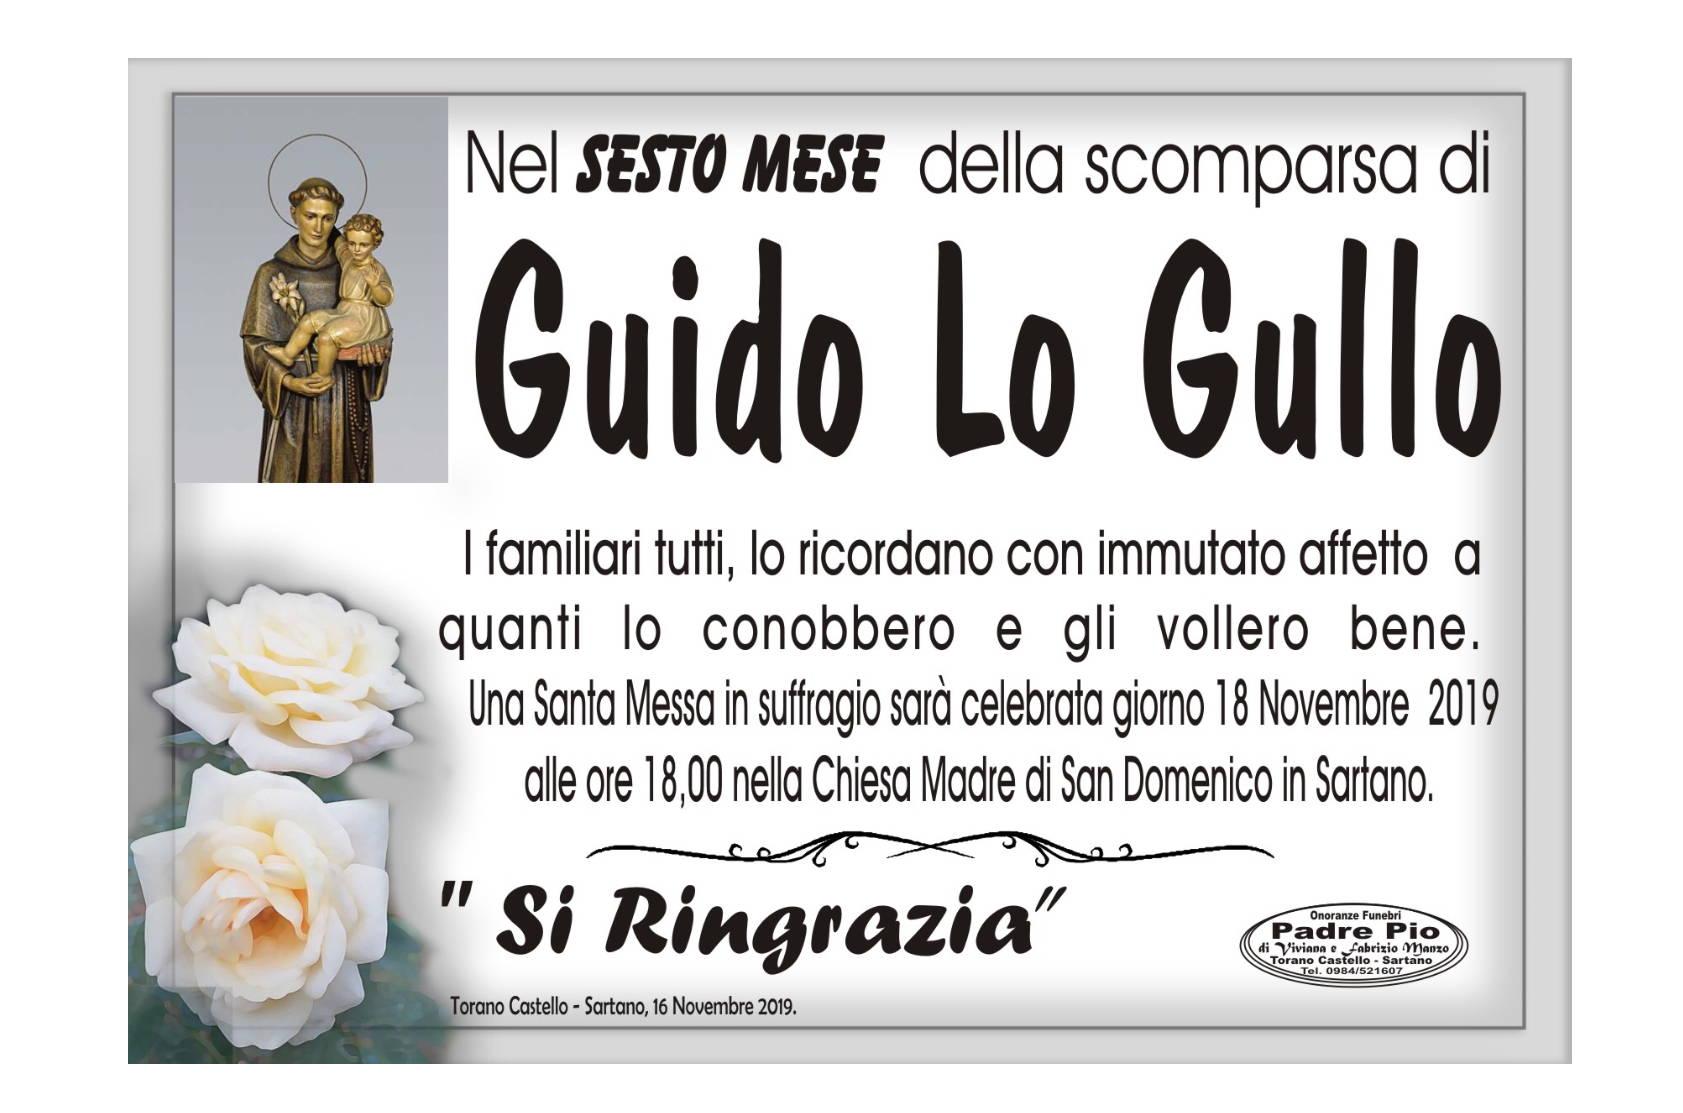 Guido Lo Gullo